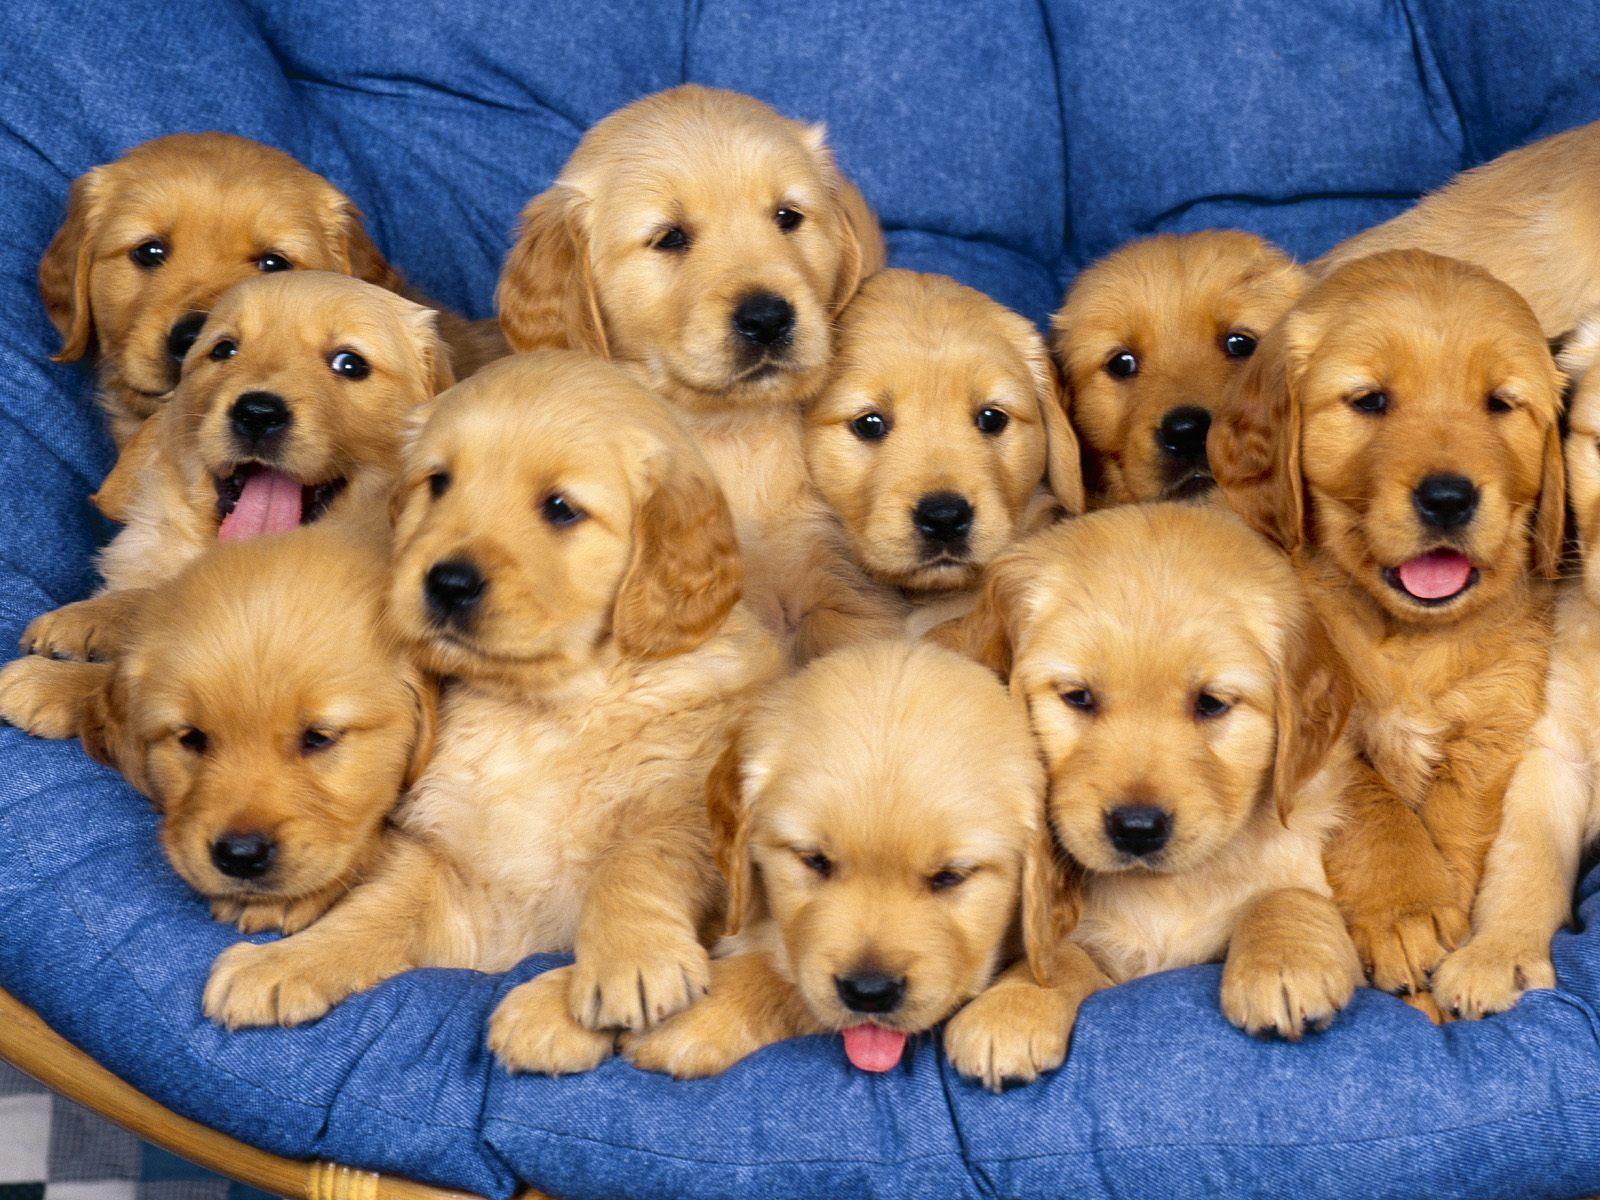 Honden achtergrond met veel bruine jonge hondjes op een stoel